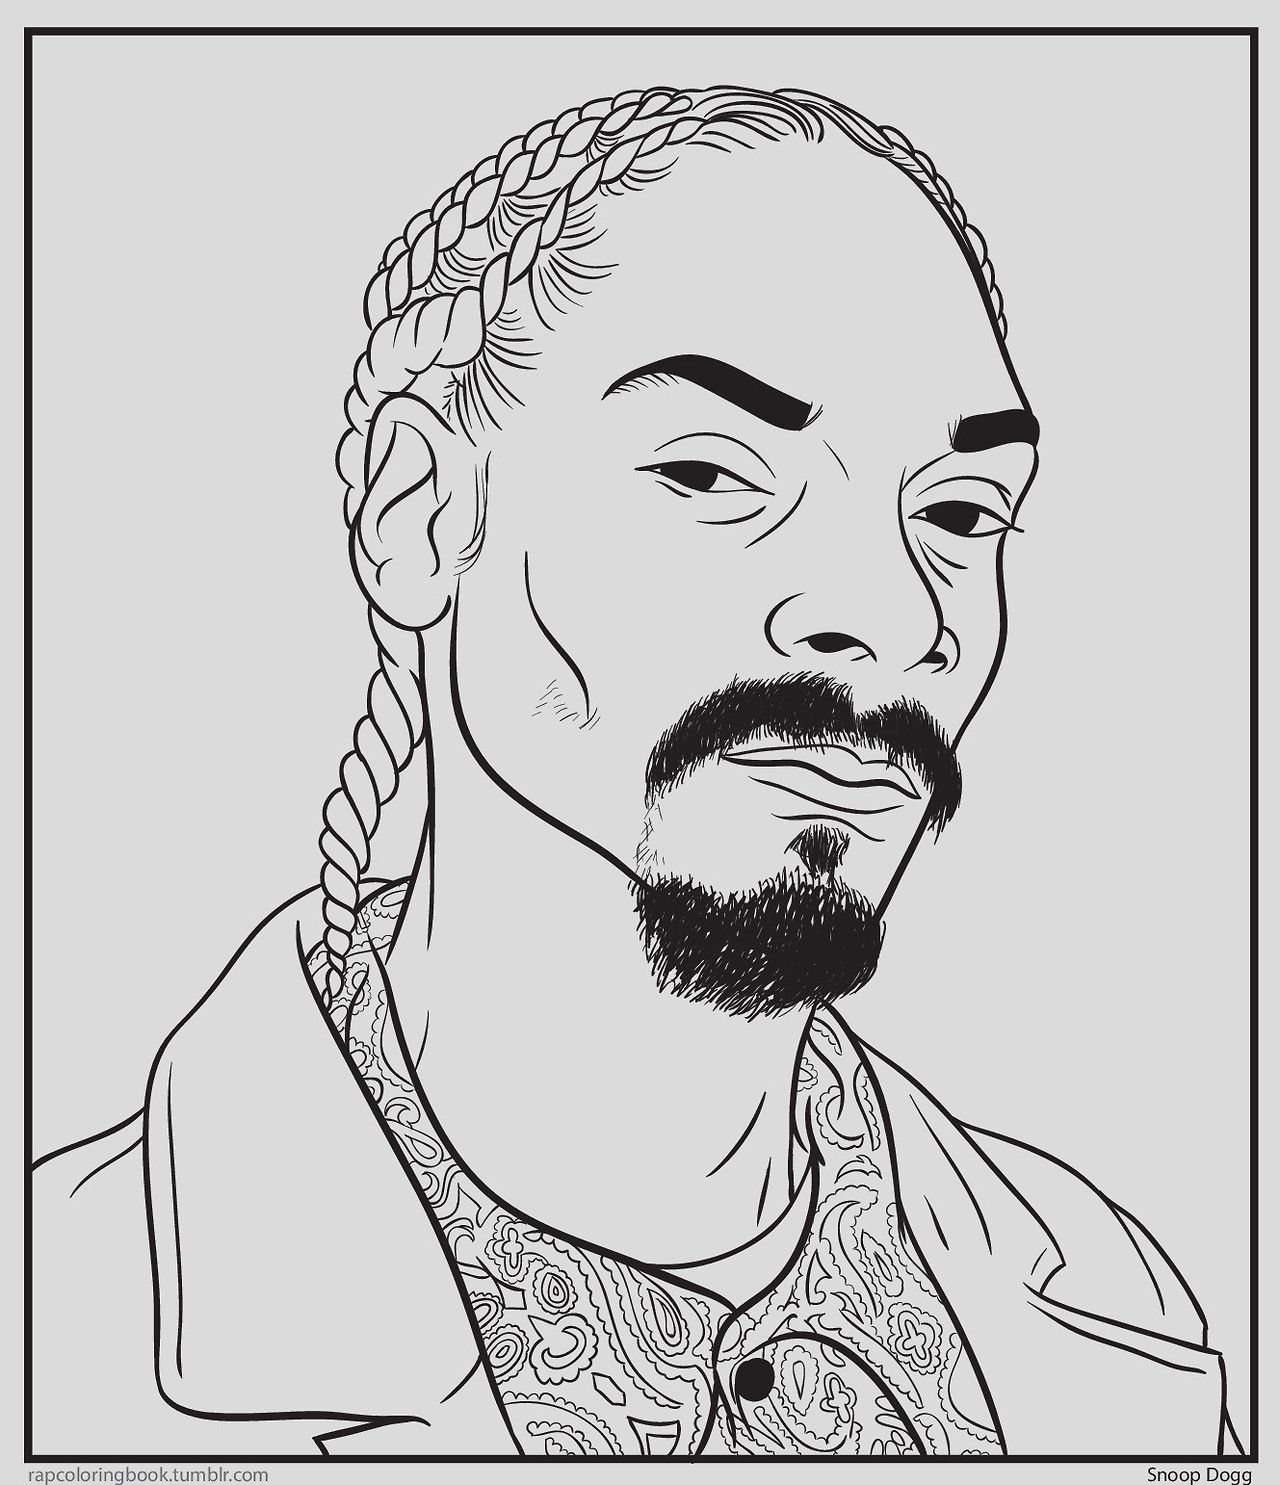 bun b's jumbo coloring and rap coloring book  rapper art